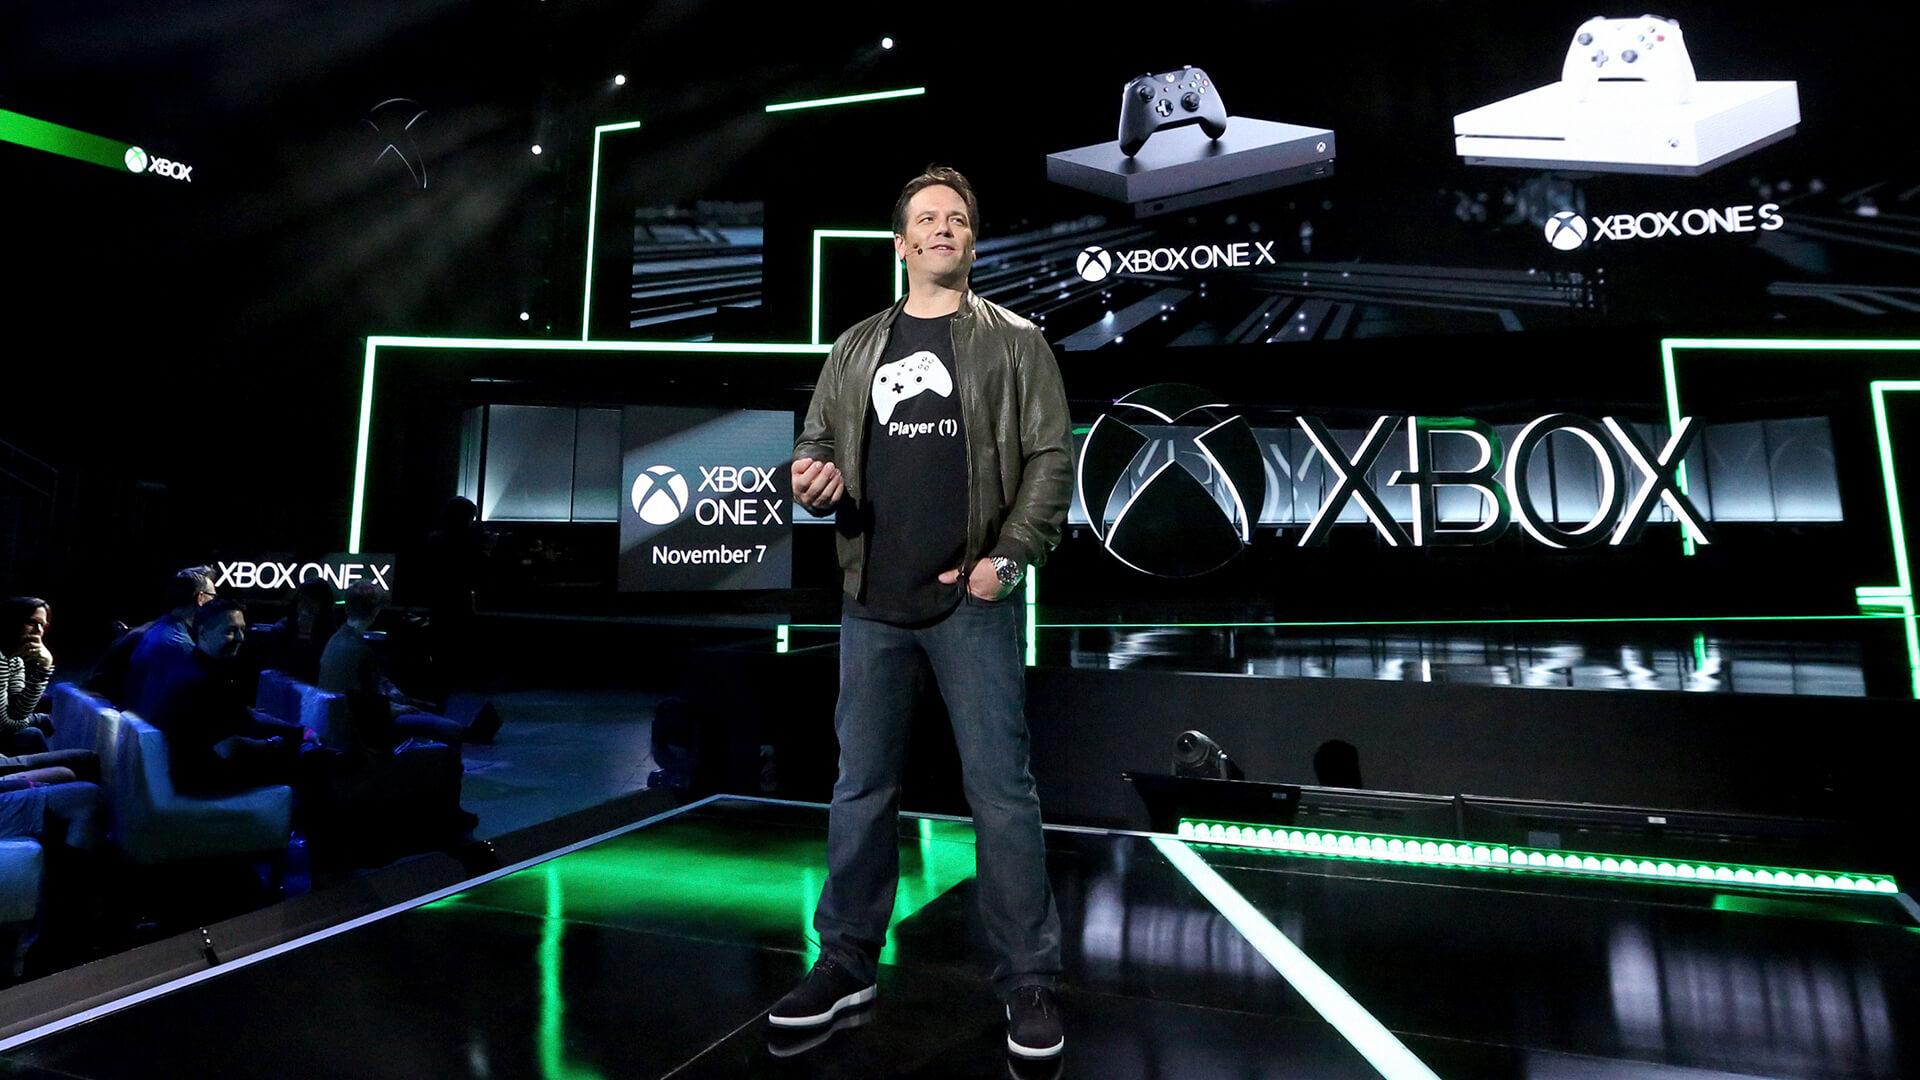 O showcase do Xbox e da Bethesda não é o único lugar onde os jogos do Xbox para Xbox One e Series S/X podem e irão aparecer durante a E3 2021.